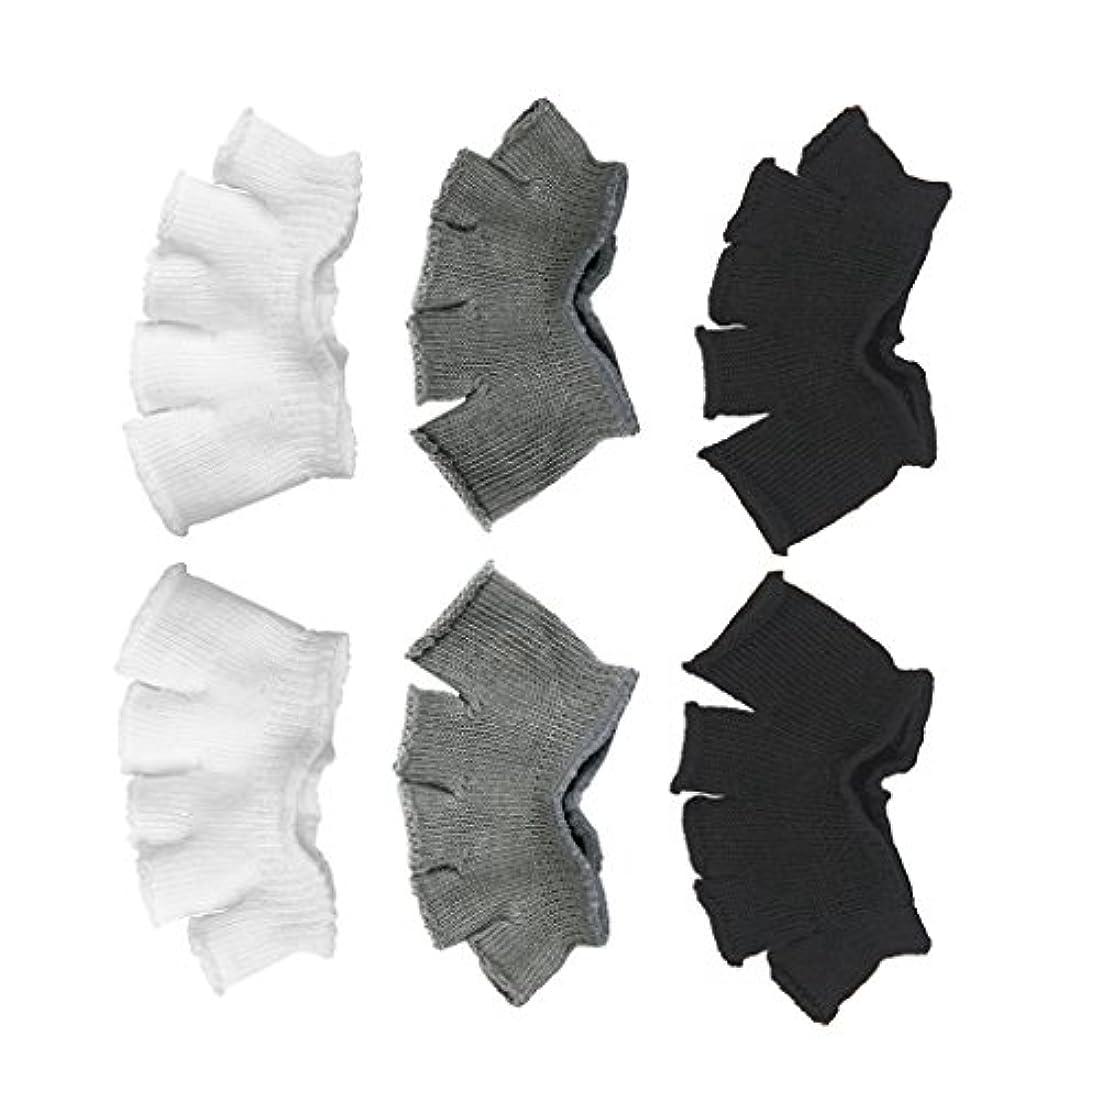 画像遠洋の分割Footful 5本指カバー 爽快指の間カバー 3色(12枚入) 6ペア 男女兼用 足の臭い対策 抗菌 防臭 フットカバー ブラック/ホワイト/グレー